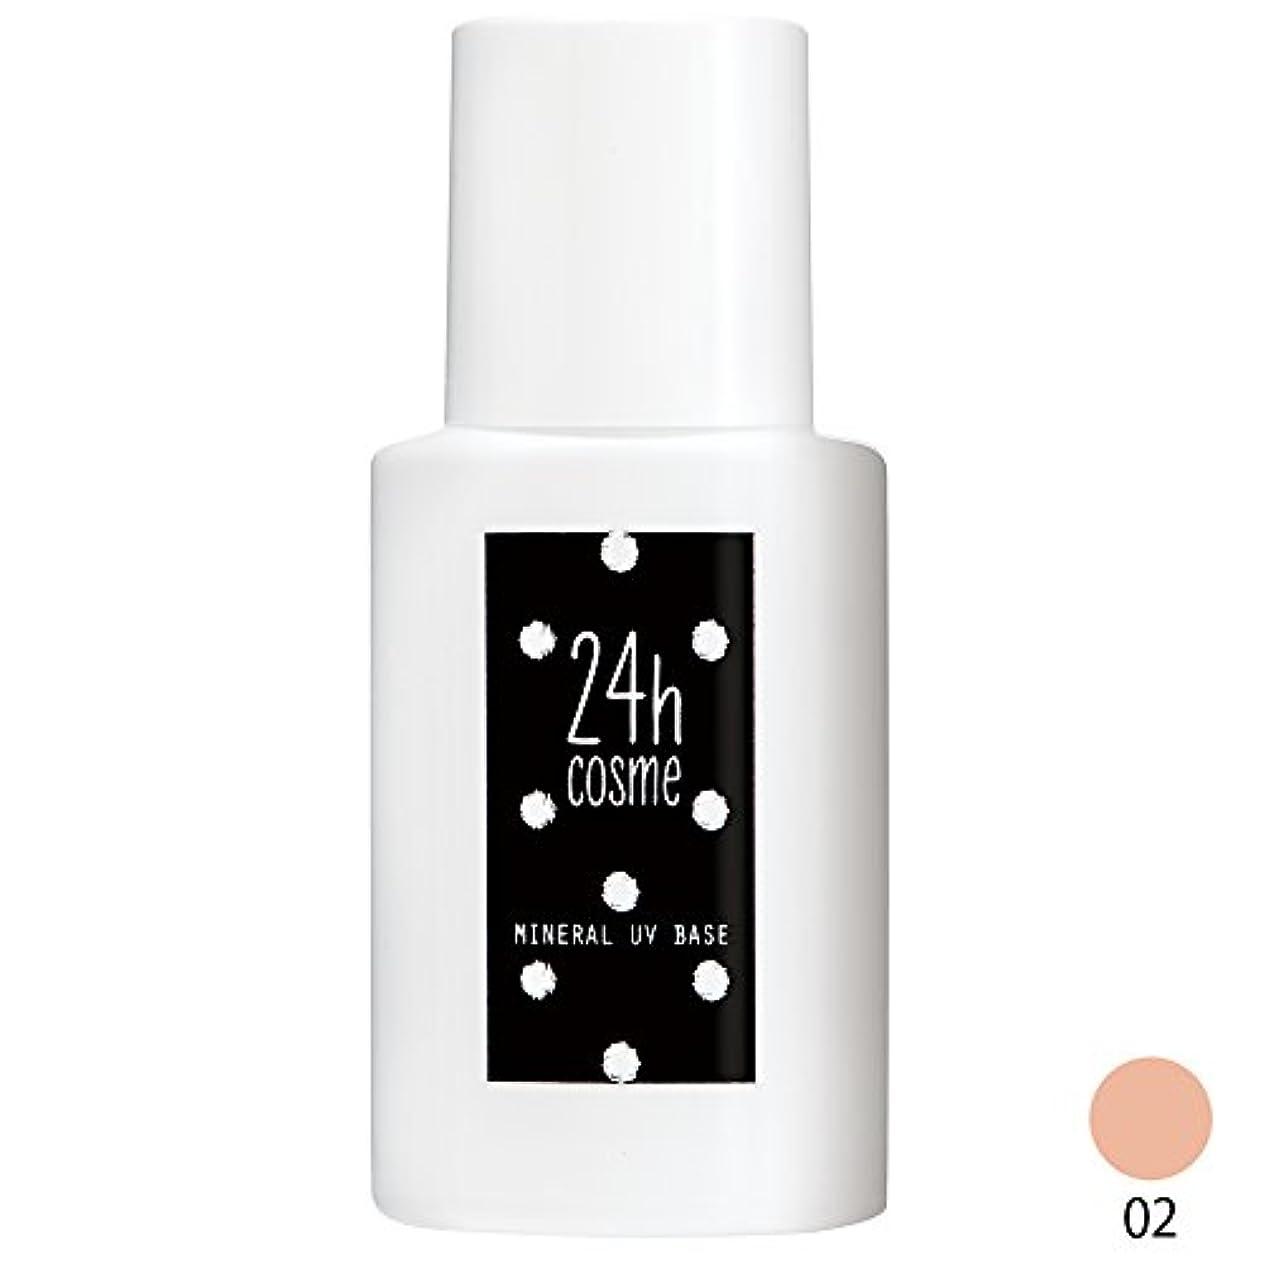 24h cosme 24 ミネラルUVベース40 02ナチュラル SPF40/PA+++